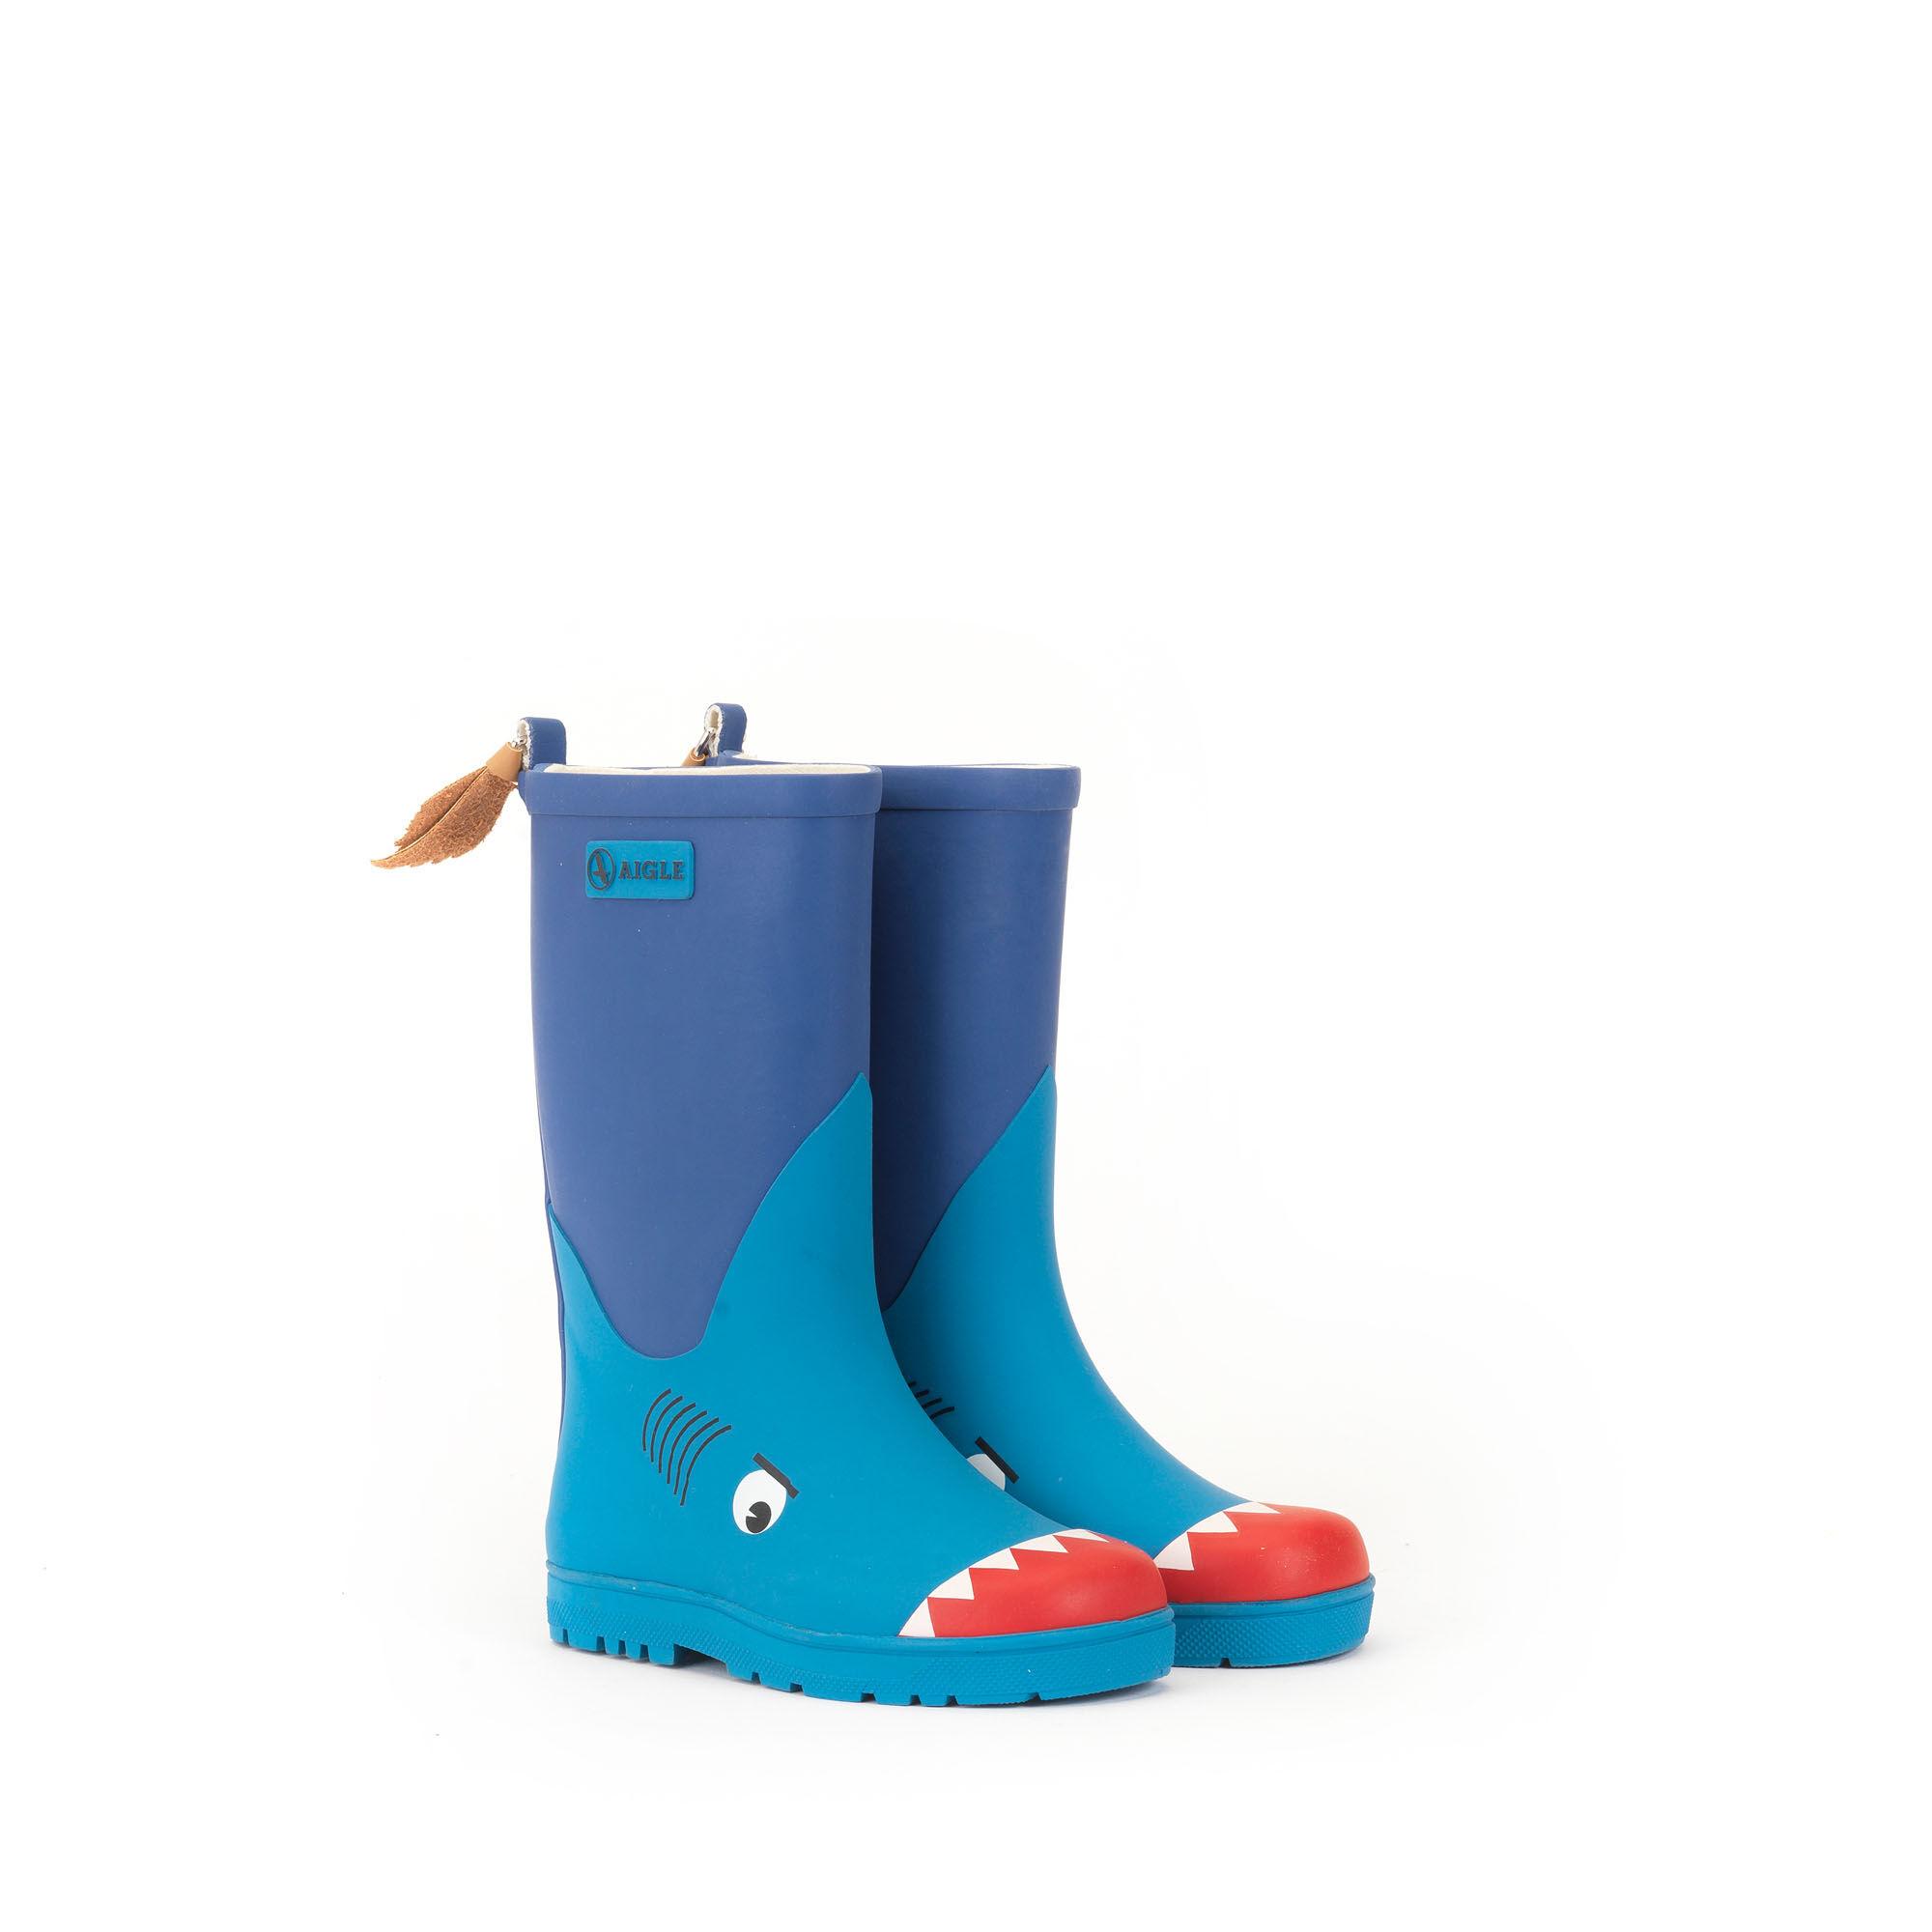 woodypop fun bottes caoutchouc enfant requin aigle. Black Bedroom Furniture Sets. Home Design Ideas